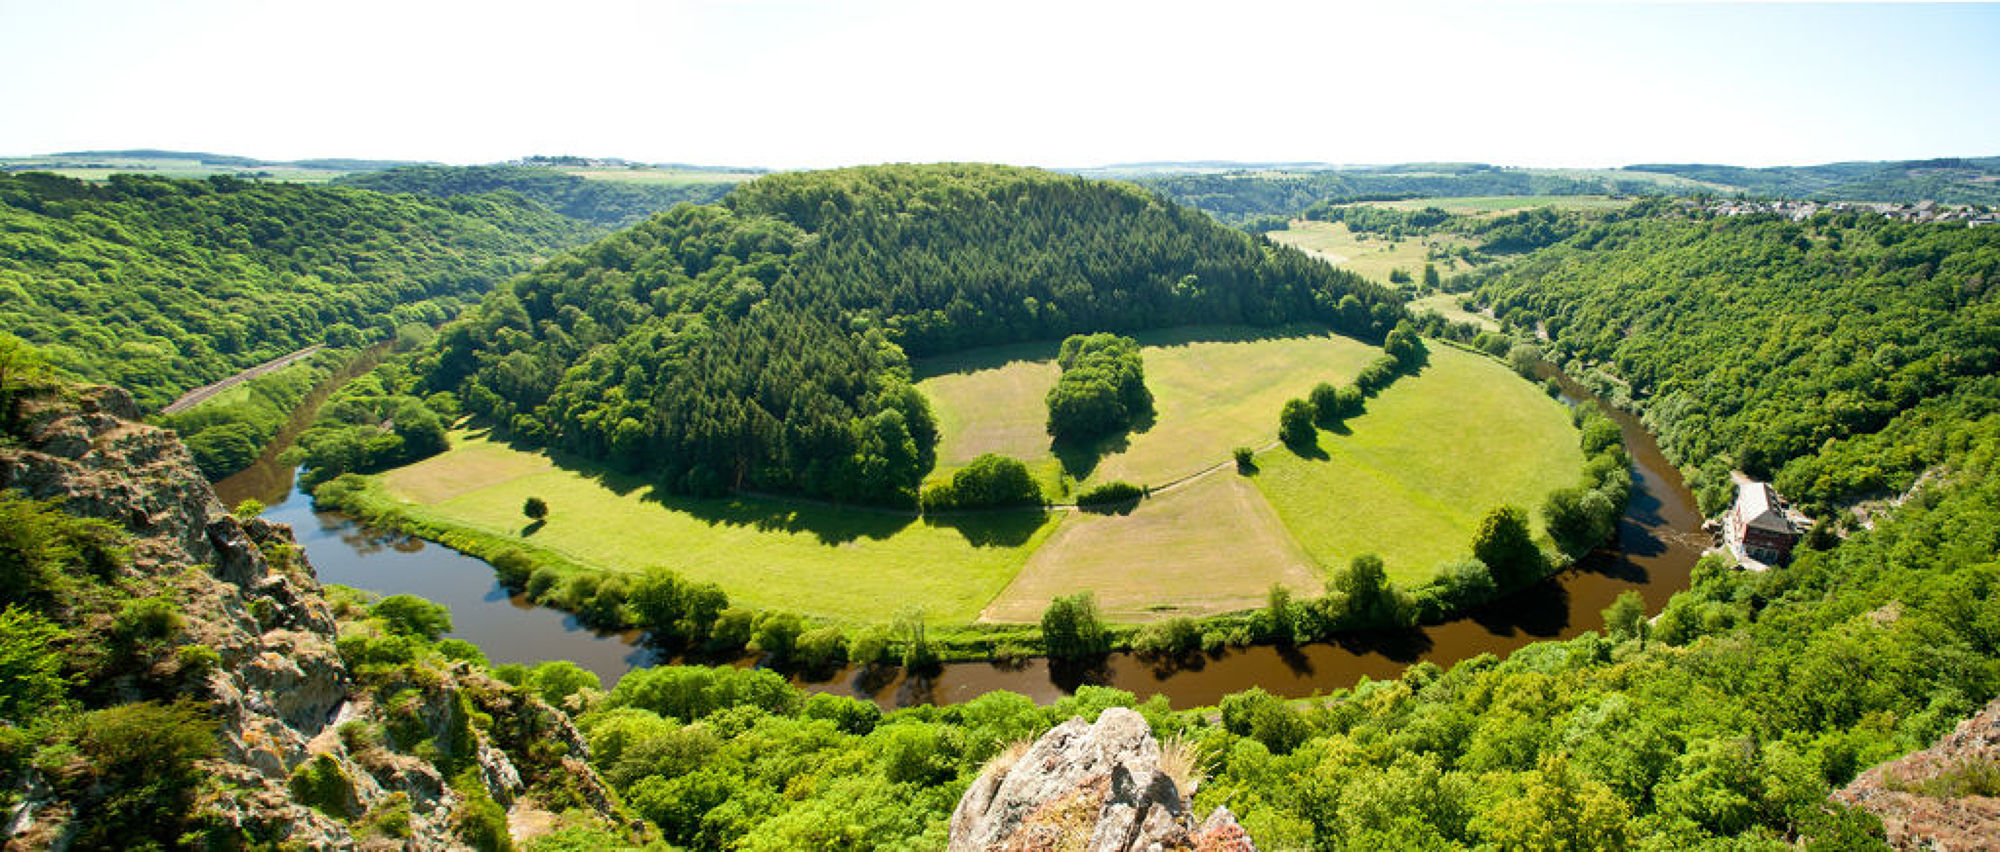 """Uitzicht op de Lahn rivier bij de uitkijkpunt """"Gabelstein"""", Lahndal"""